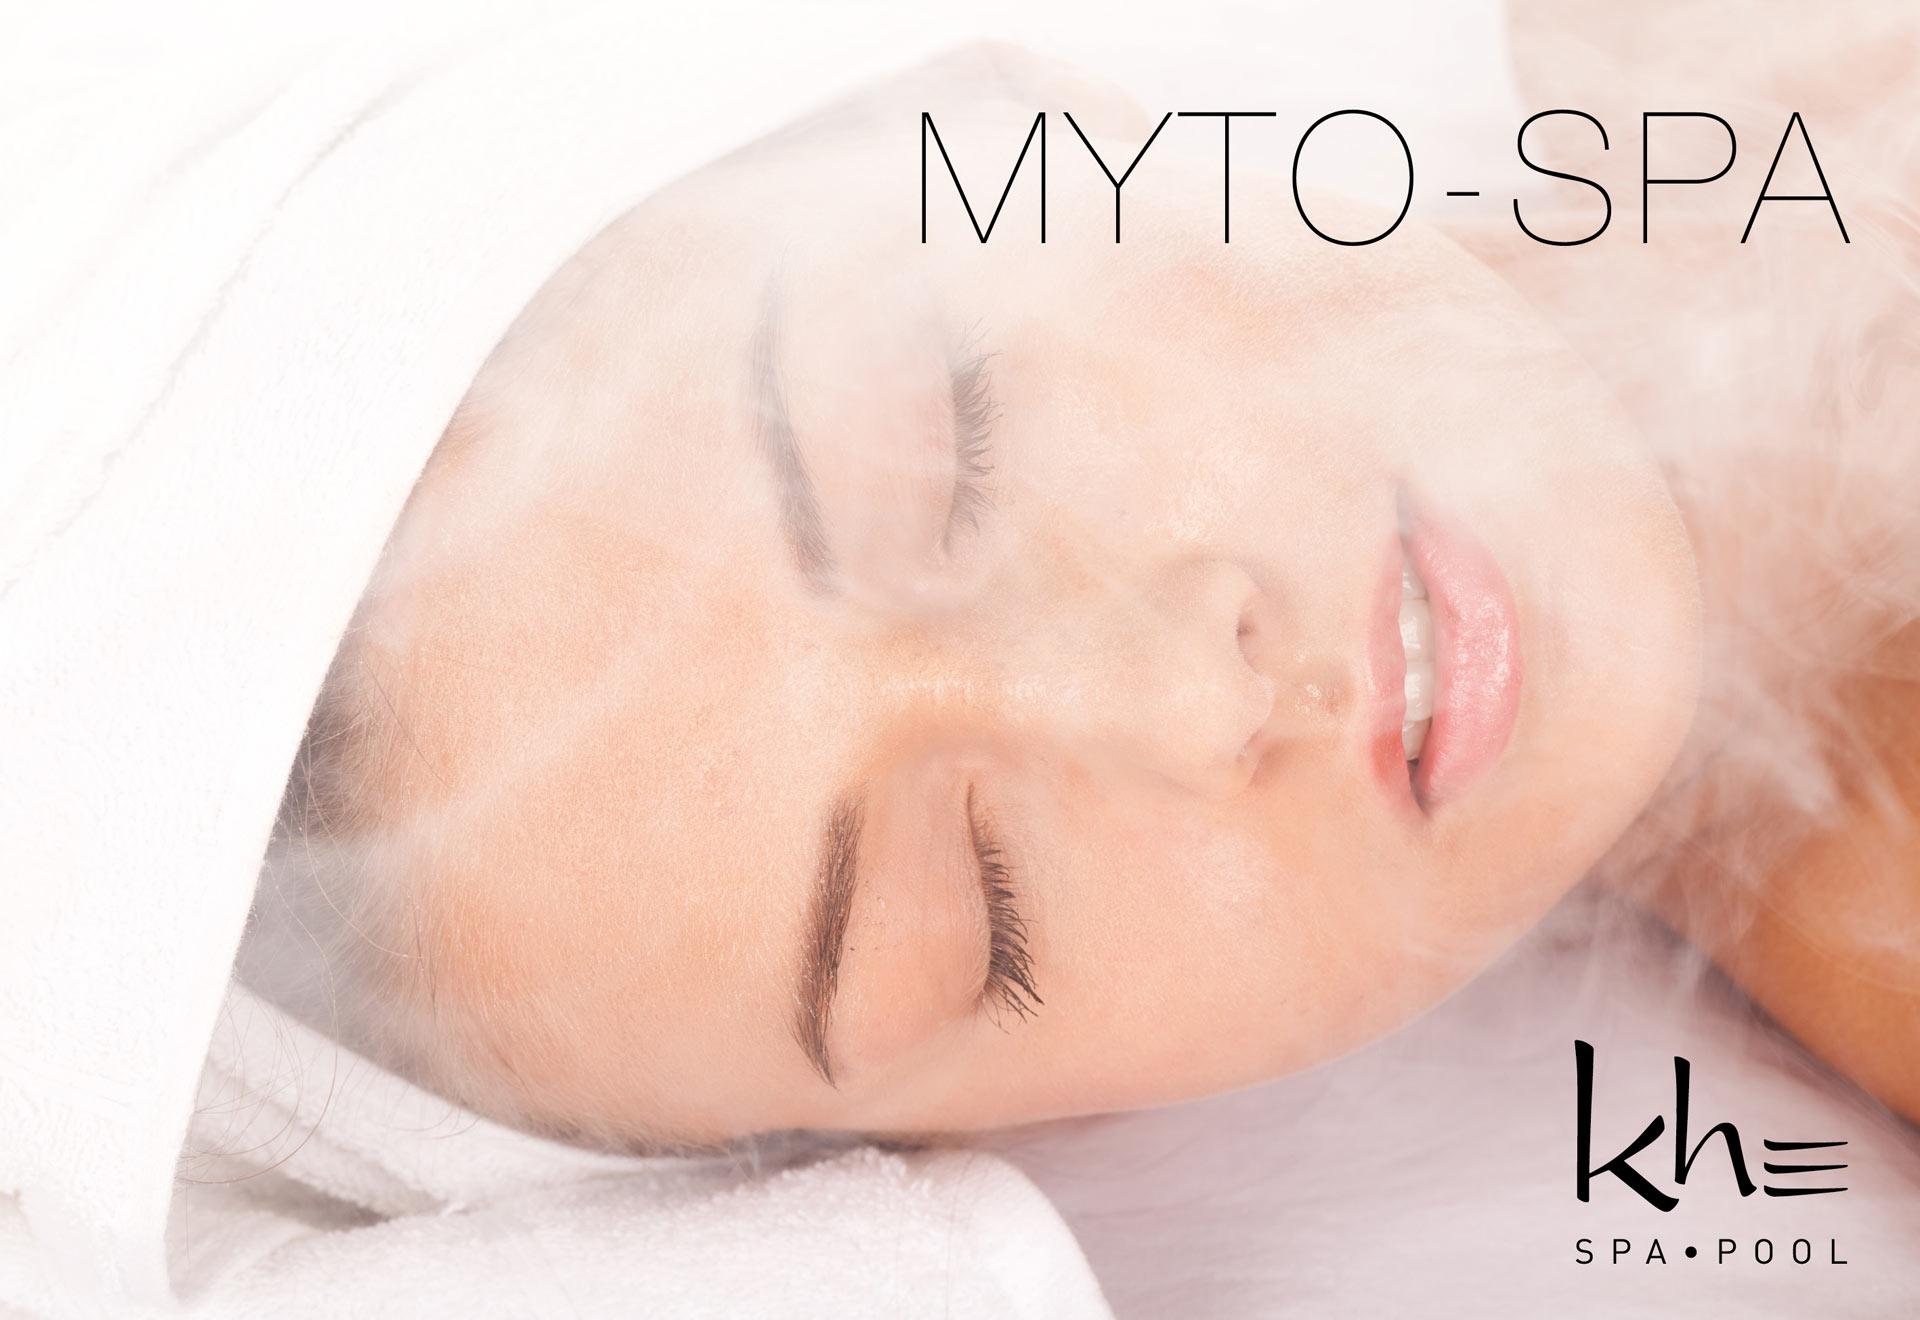 myto spa, benessere, persona